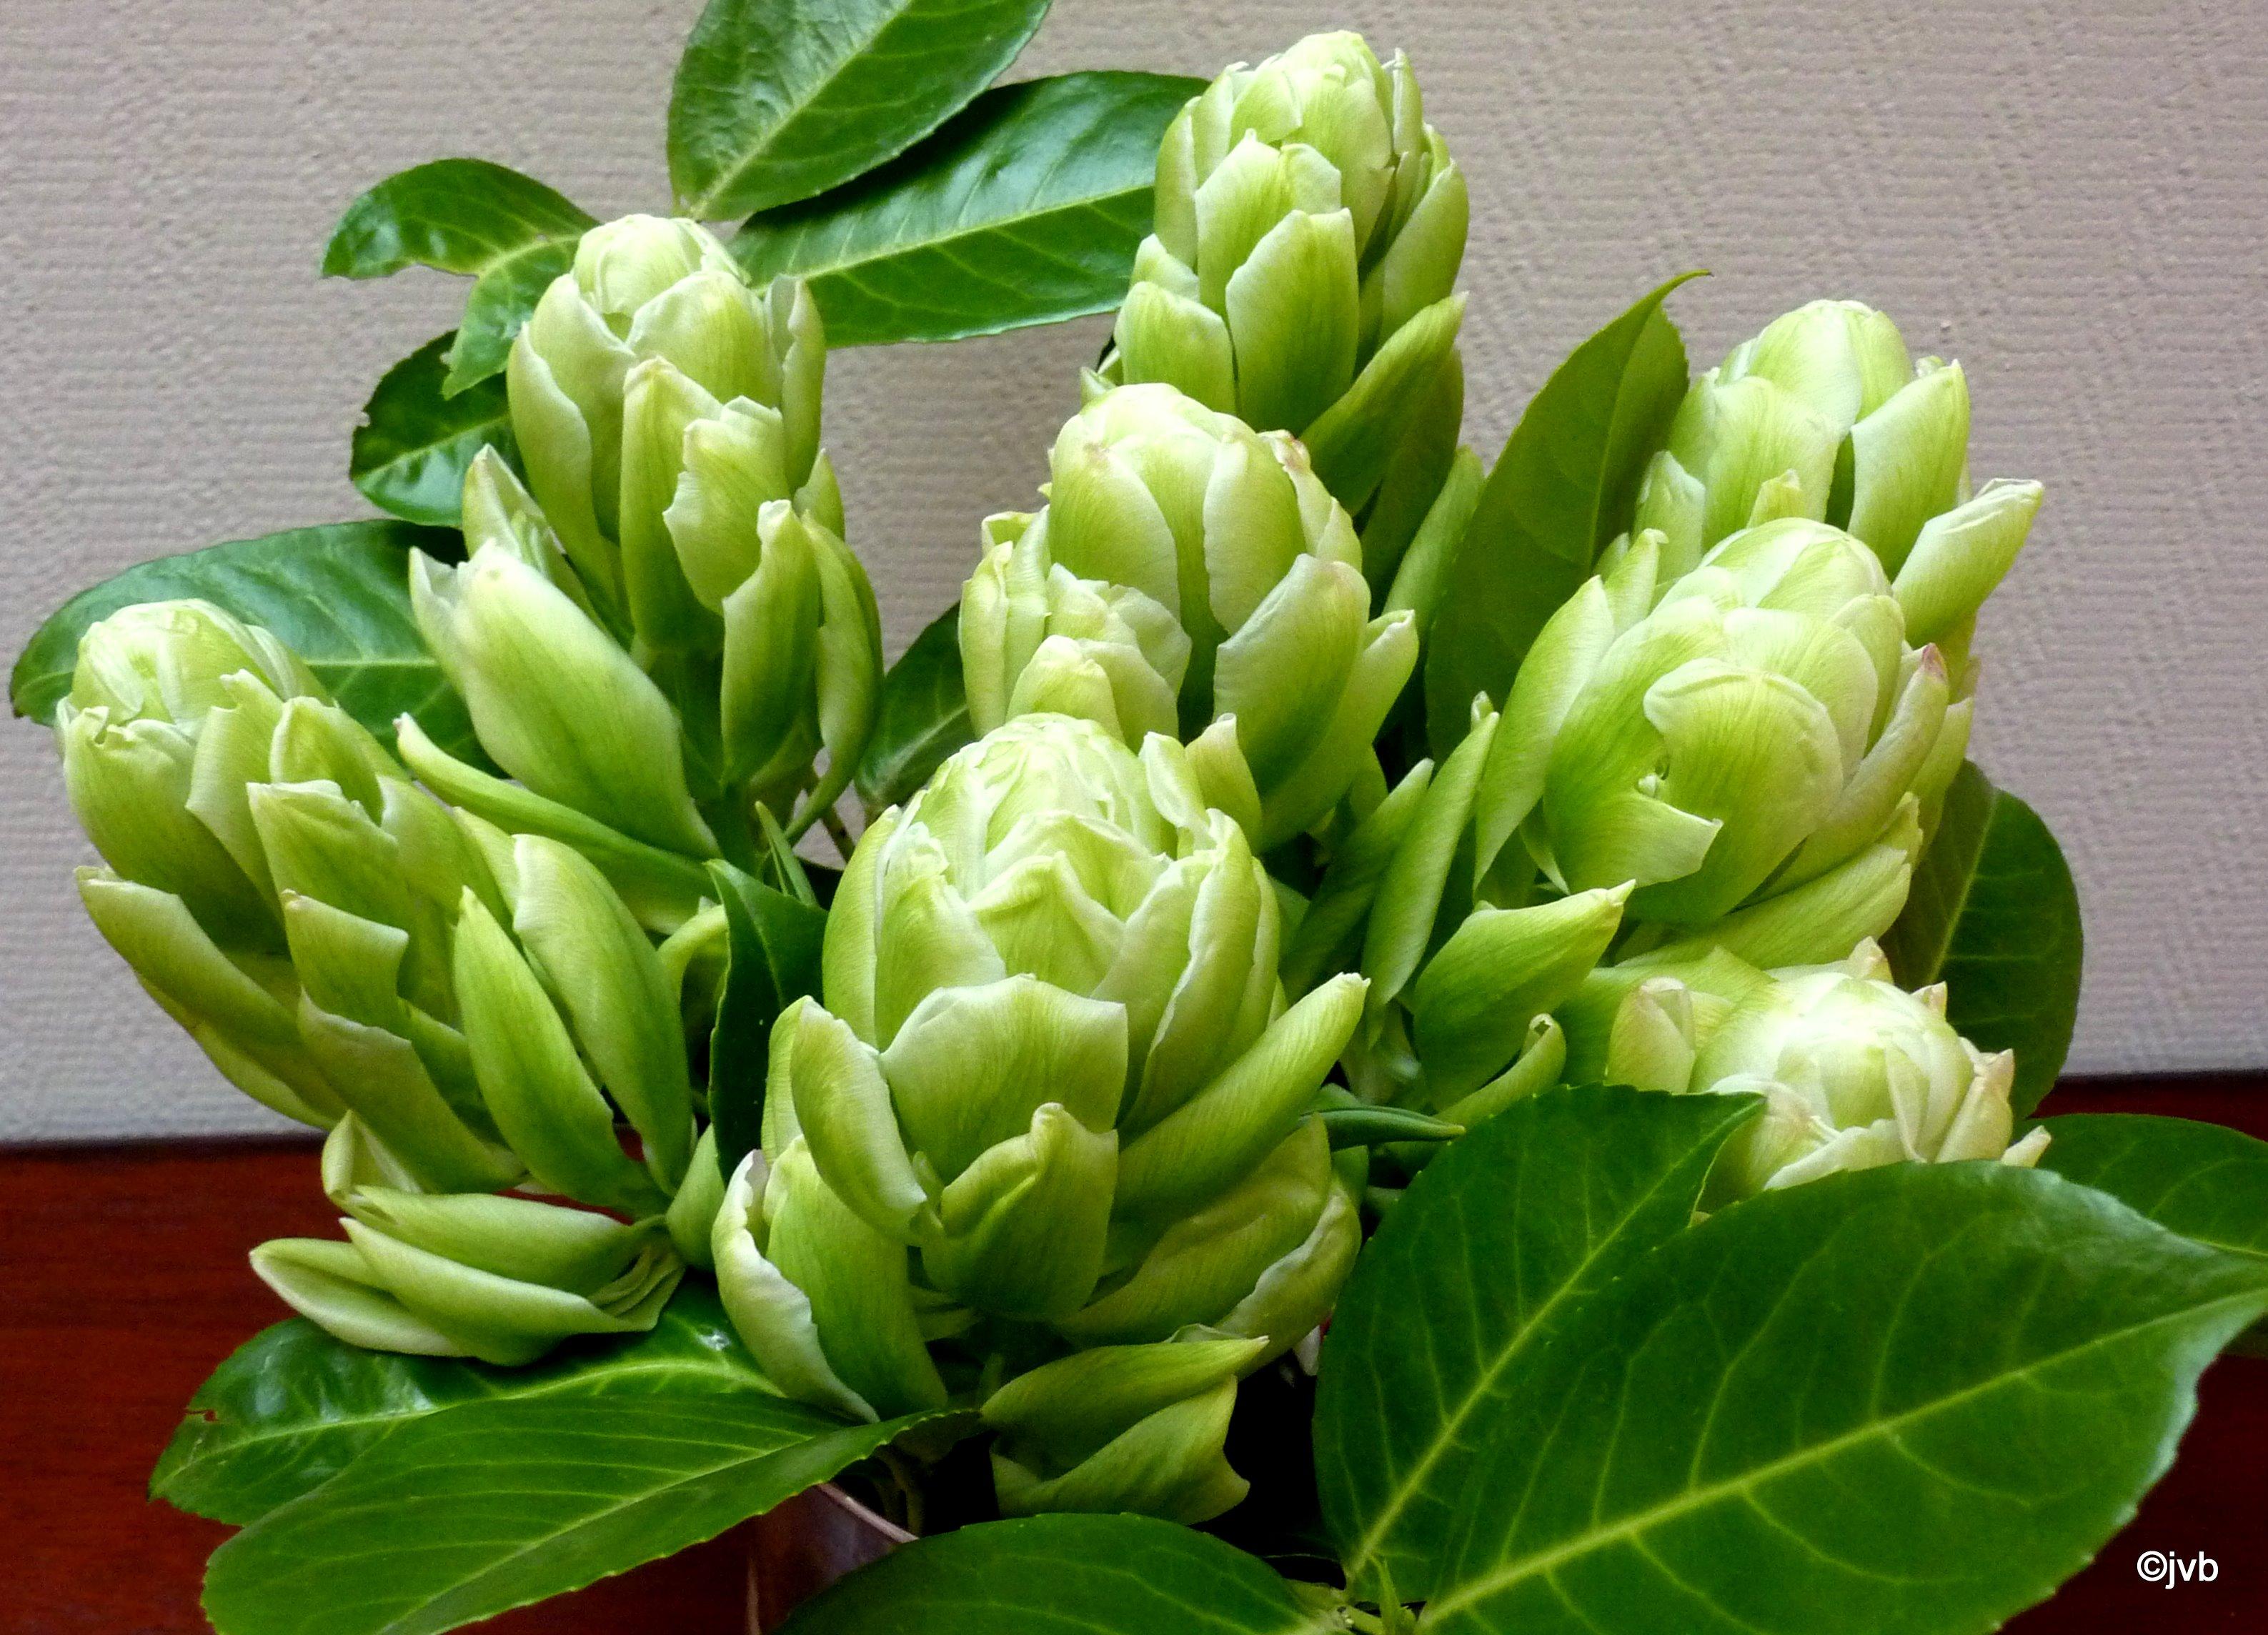 Paul van bentem bloembollen groen dubbel - Groen behang van het water ...